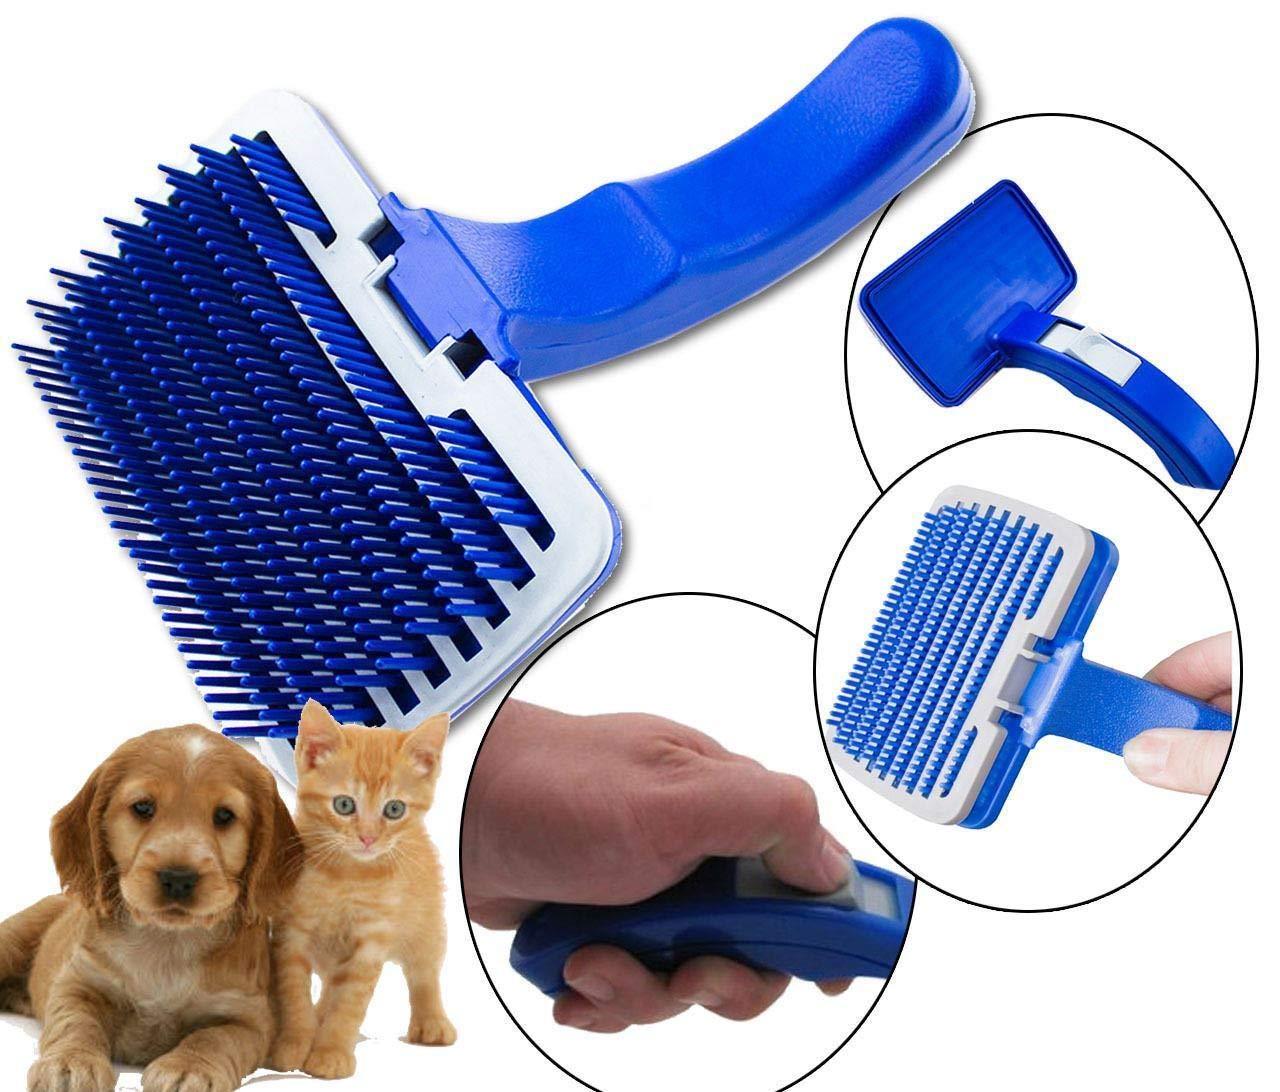 Generic pelliccia Care Dog Puppy Grooming pelliccia di coniglio Pet Hair Brush Care Pet capelli BR gattino gatto D auto pulizia spazzola di pulizia auto pettine governare pelliccia di coniglio